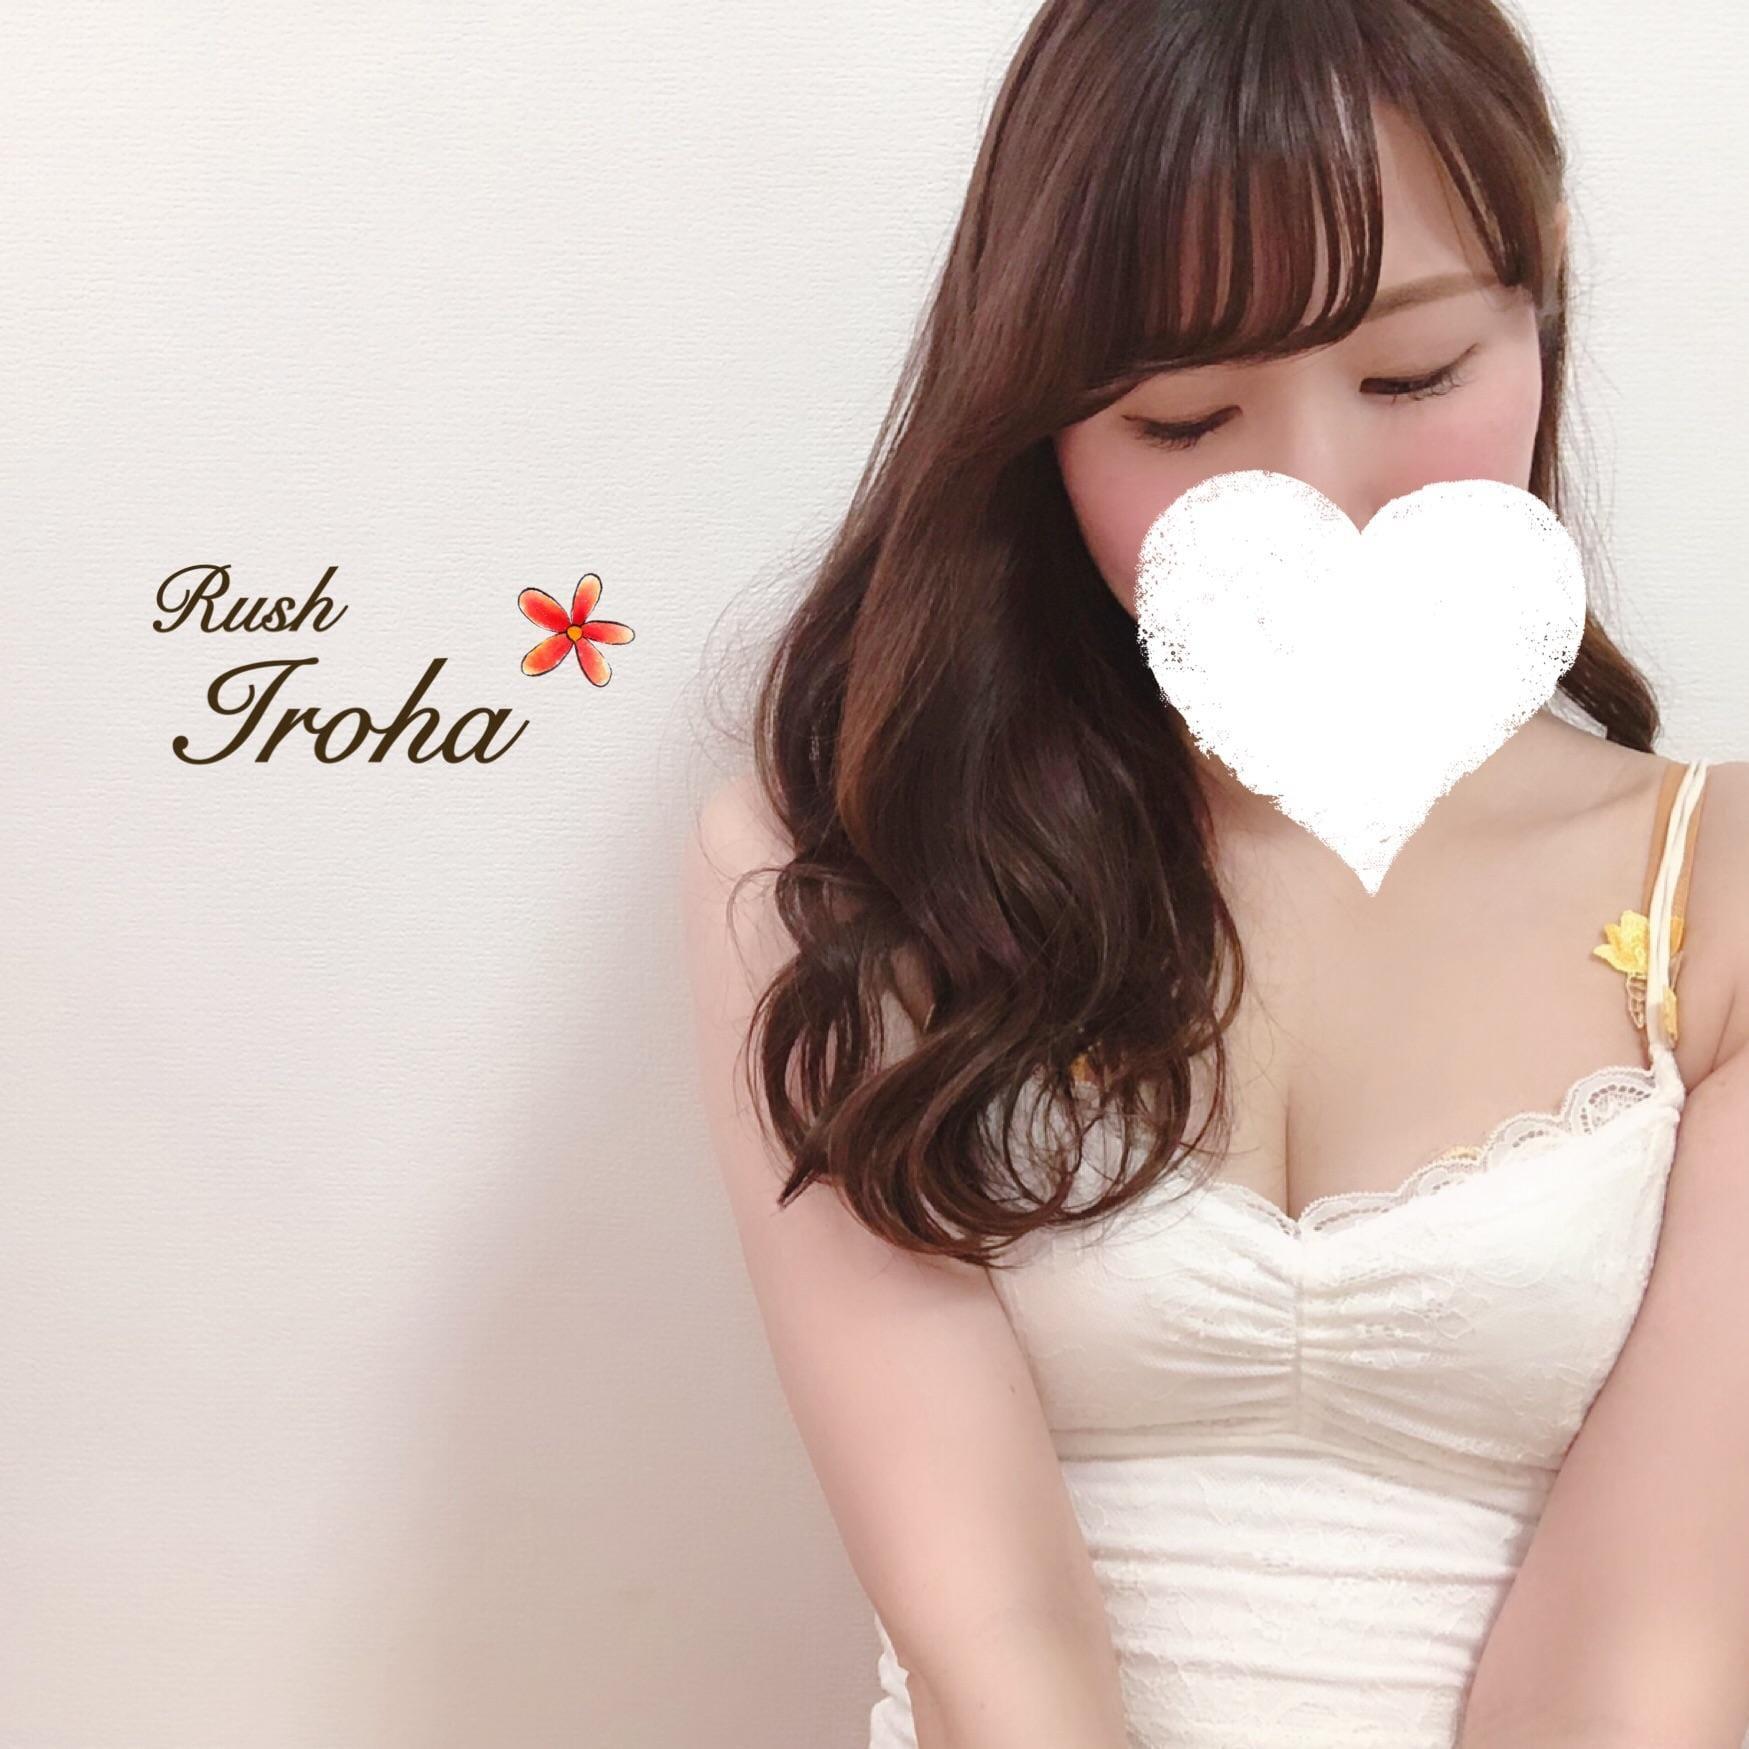 「今日からのいろは☆」09/10(09/10) 12:57   ーイロハーの写メ・風俗動画